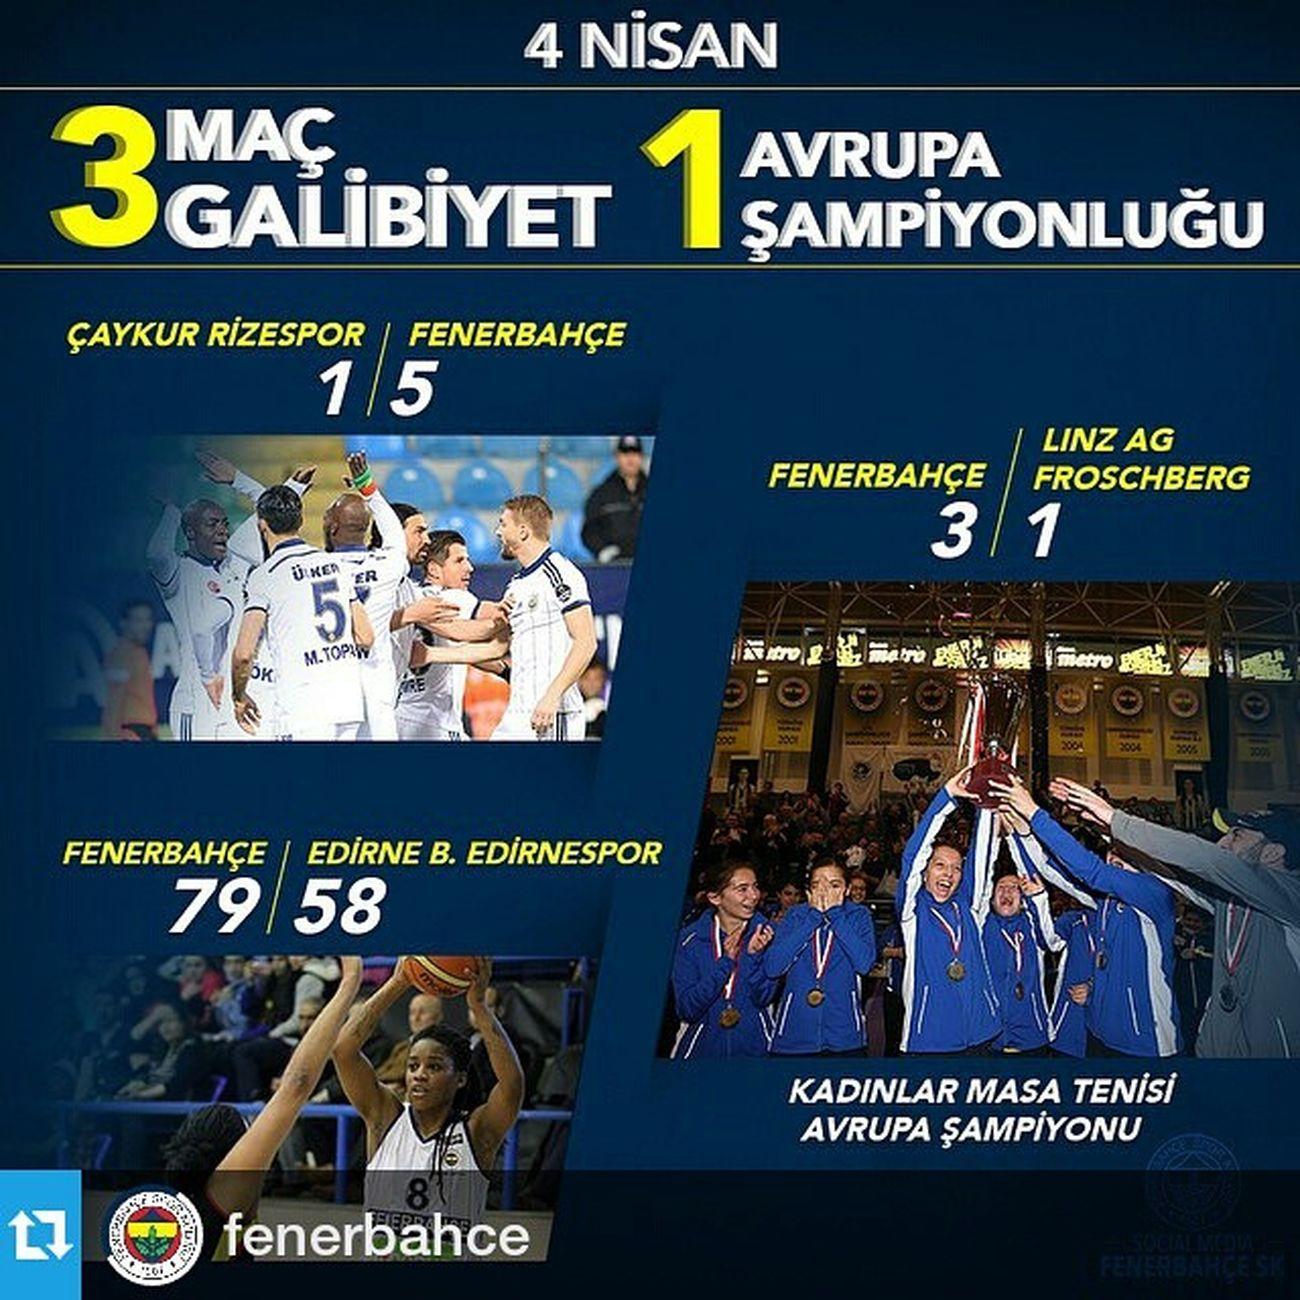 Repost @fenerbahce ・・・ 3 Maç, 3 Galibiyet, 1 Avrupa Şampiyonluğu! Tebrikler Fenerbahce  ! InstaFB BizBirSporKulübüyüz